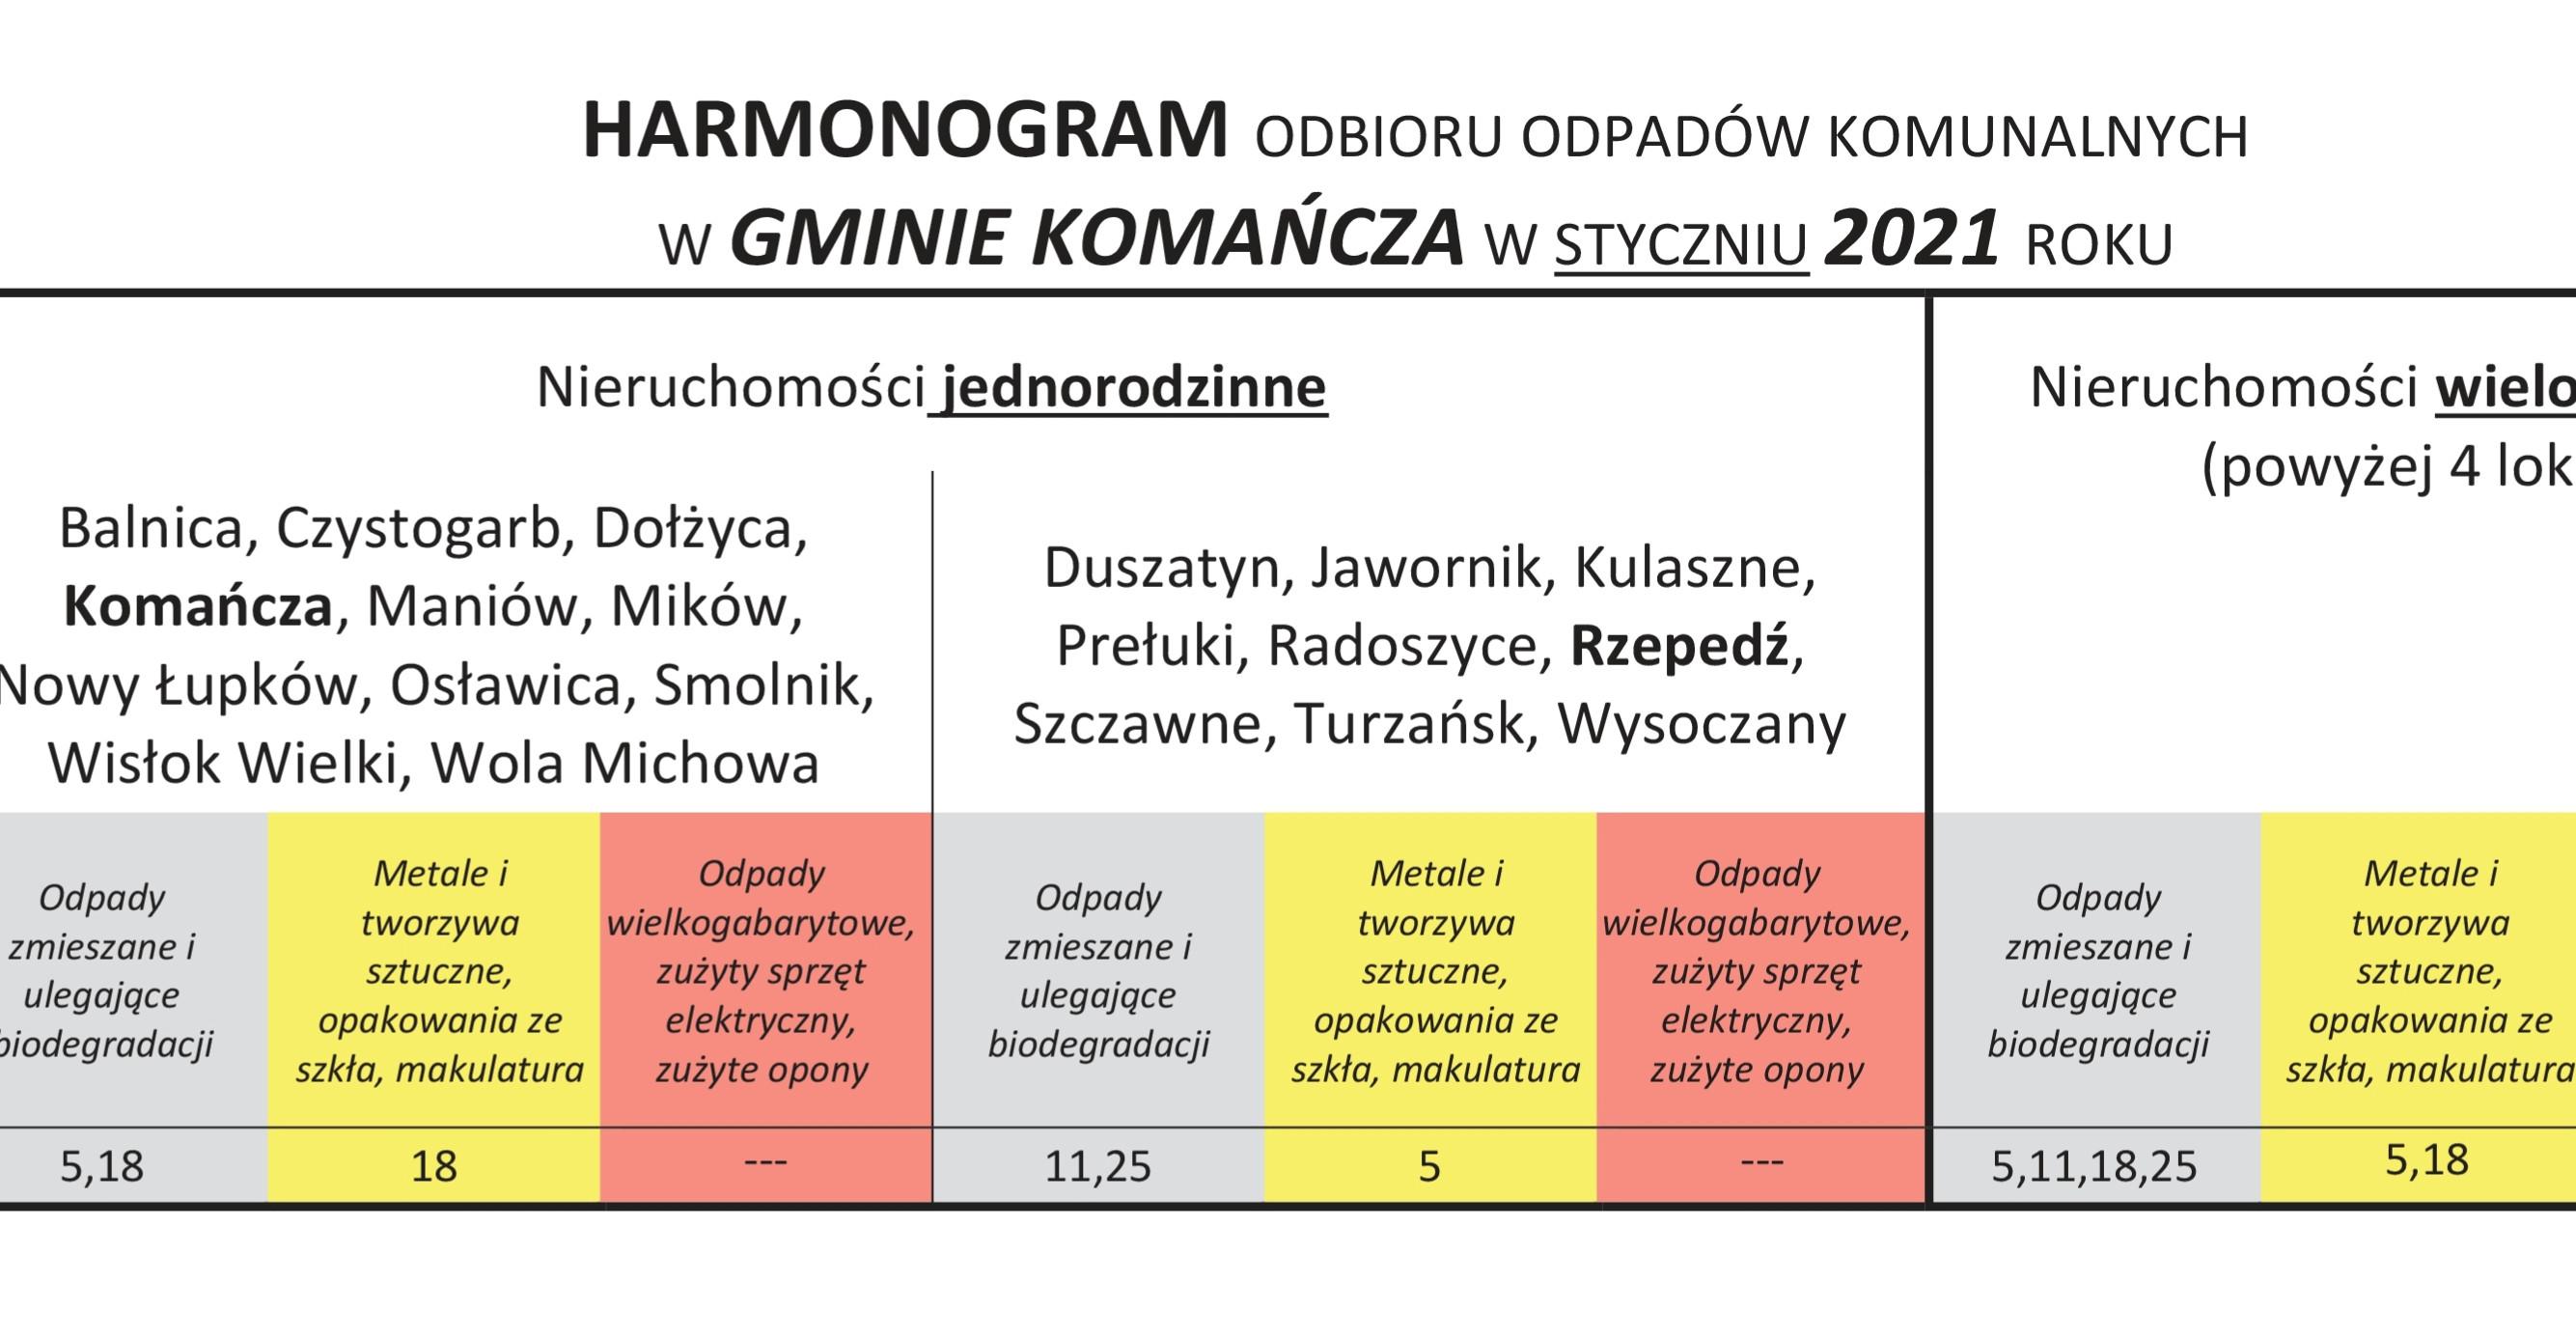 Harmonogram odbioru odpadów komunalnych w Gminie Komańcza w Styczniu 2021 roku